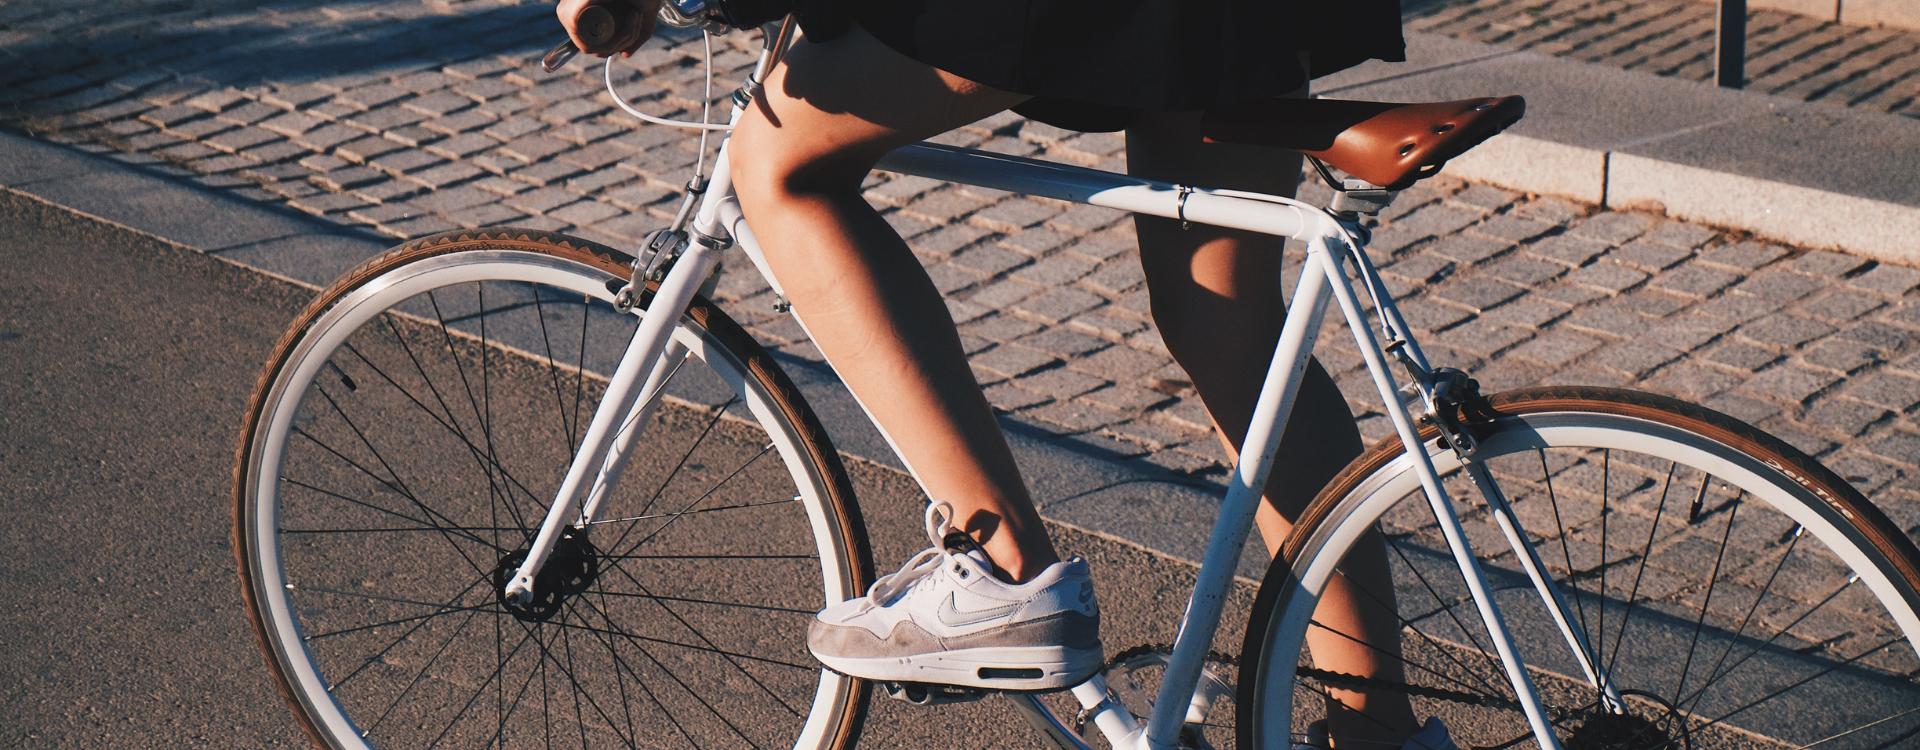 scuole-sostenibili-bici-piedibus